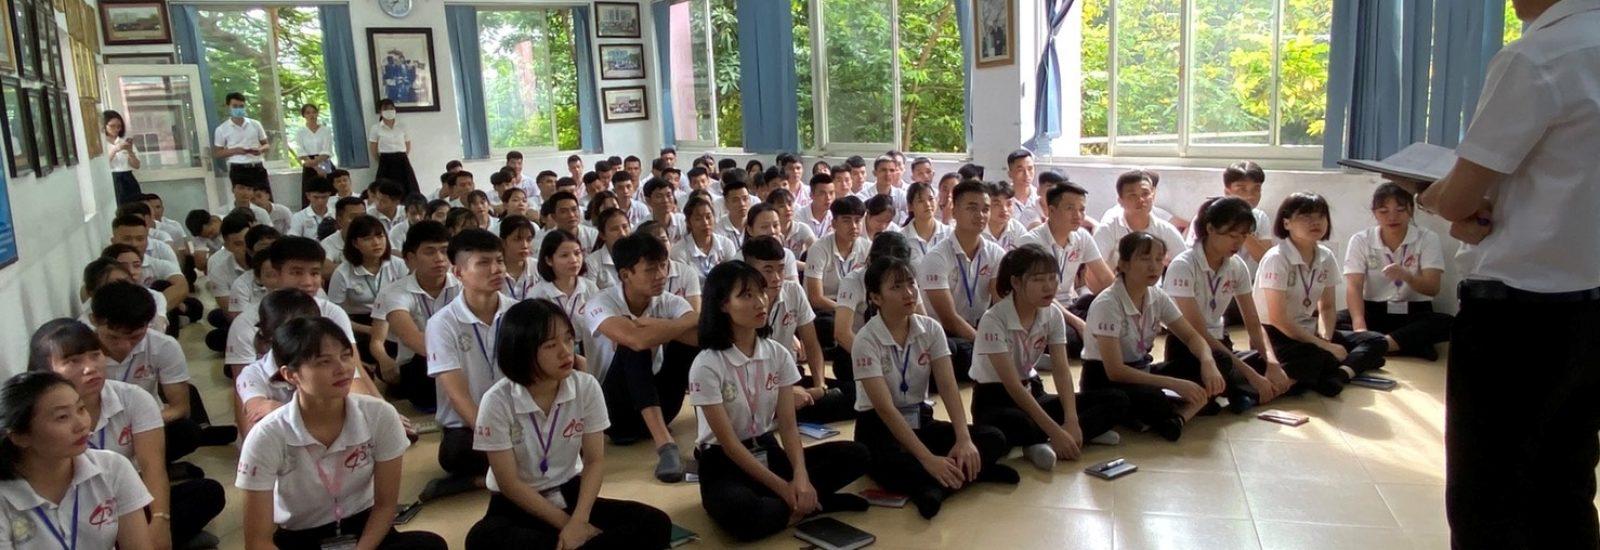 200921 Morning Gathering